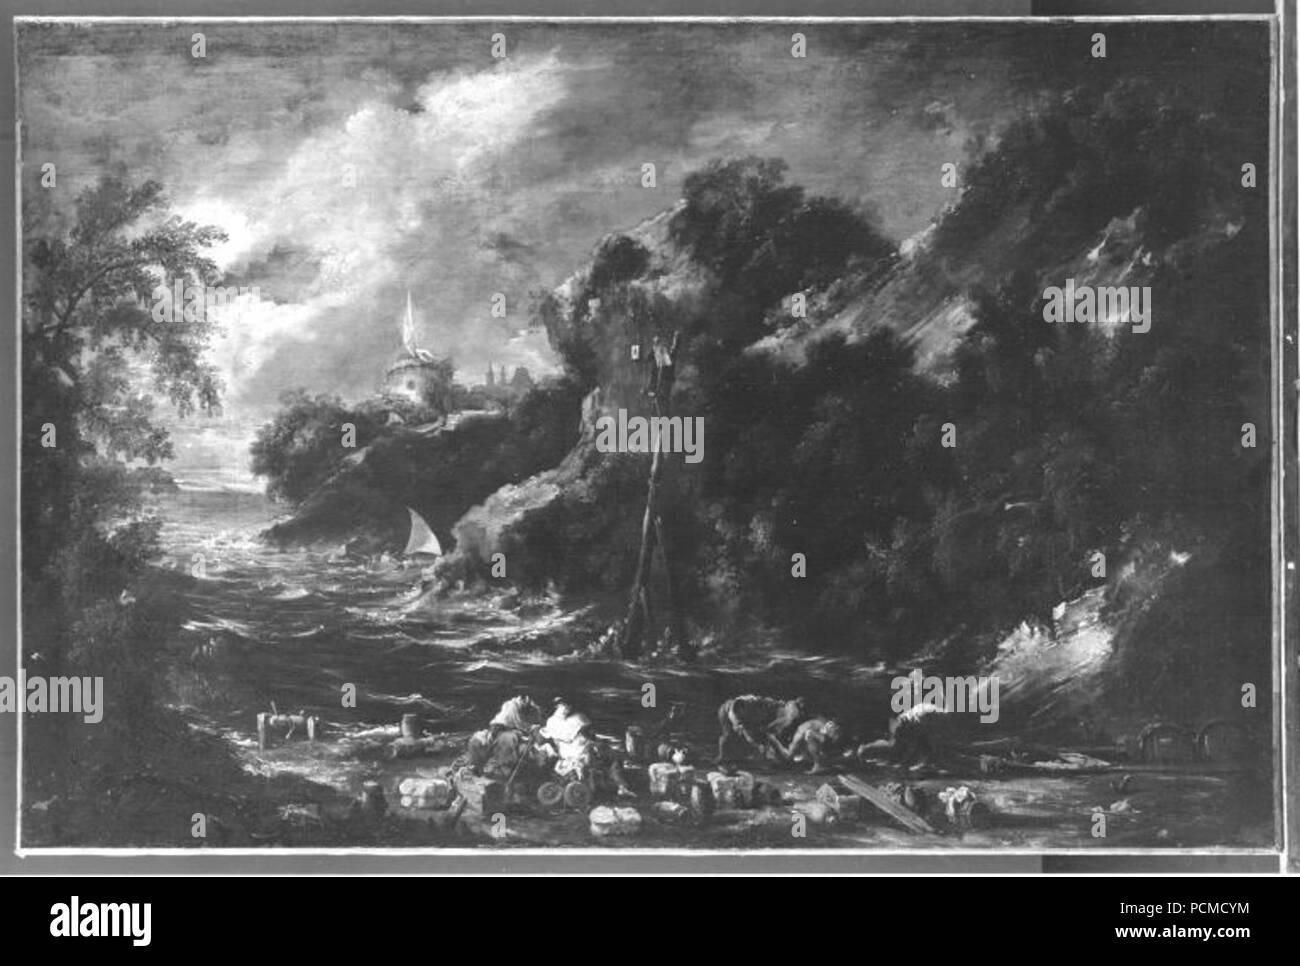 Alessandro Magnasco - Felsige Meeresbucht mit Mönchen und Schiffern - 2749  - - Stock Image